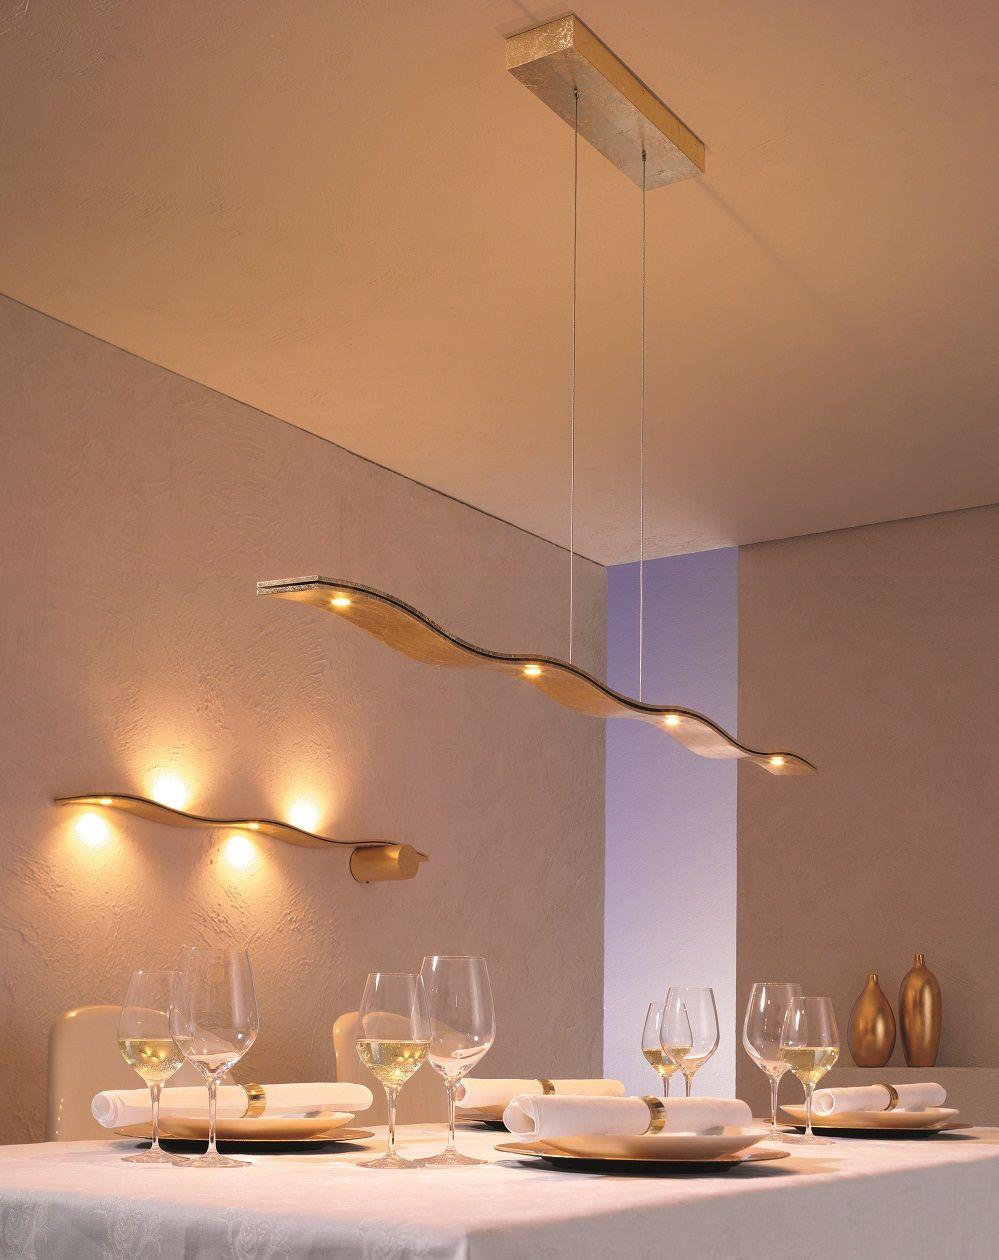 Lichtblog Licht Ist Unsere Leidenschaft Part 3 Moderne Pendelleuchten Pendelleuchte Wohnzimmer Lampe Esstisch